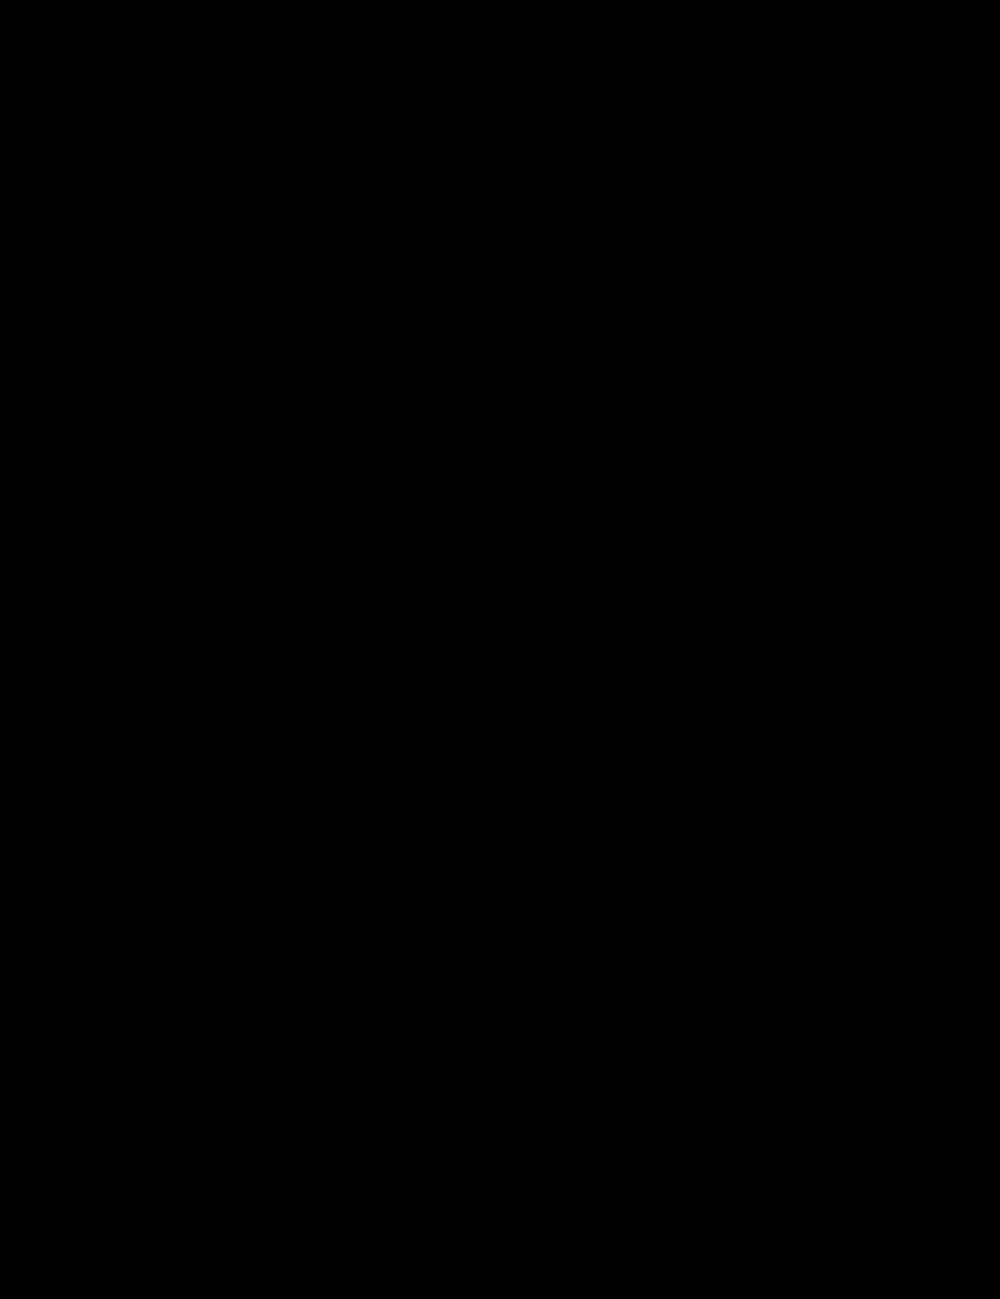 devon odessa txdevon odessa wedding, devon odessa imdb, devon odessa acting classes, devon odessa 2016, devon odessa twitter, devon odessa married, devon odessa, девон одесса, devon odessa feet, devon odessa uncle buck, devon odessa net worth, devon odessa tx, devon odessa that so raven, devon odessa hot, devon odessa pumpkinhead, devon odessa measurements, devon odessa private practice, devon odessa full house, девон рекс одесса, девон групп одесса